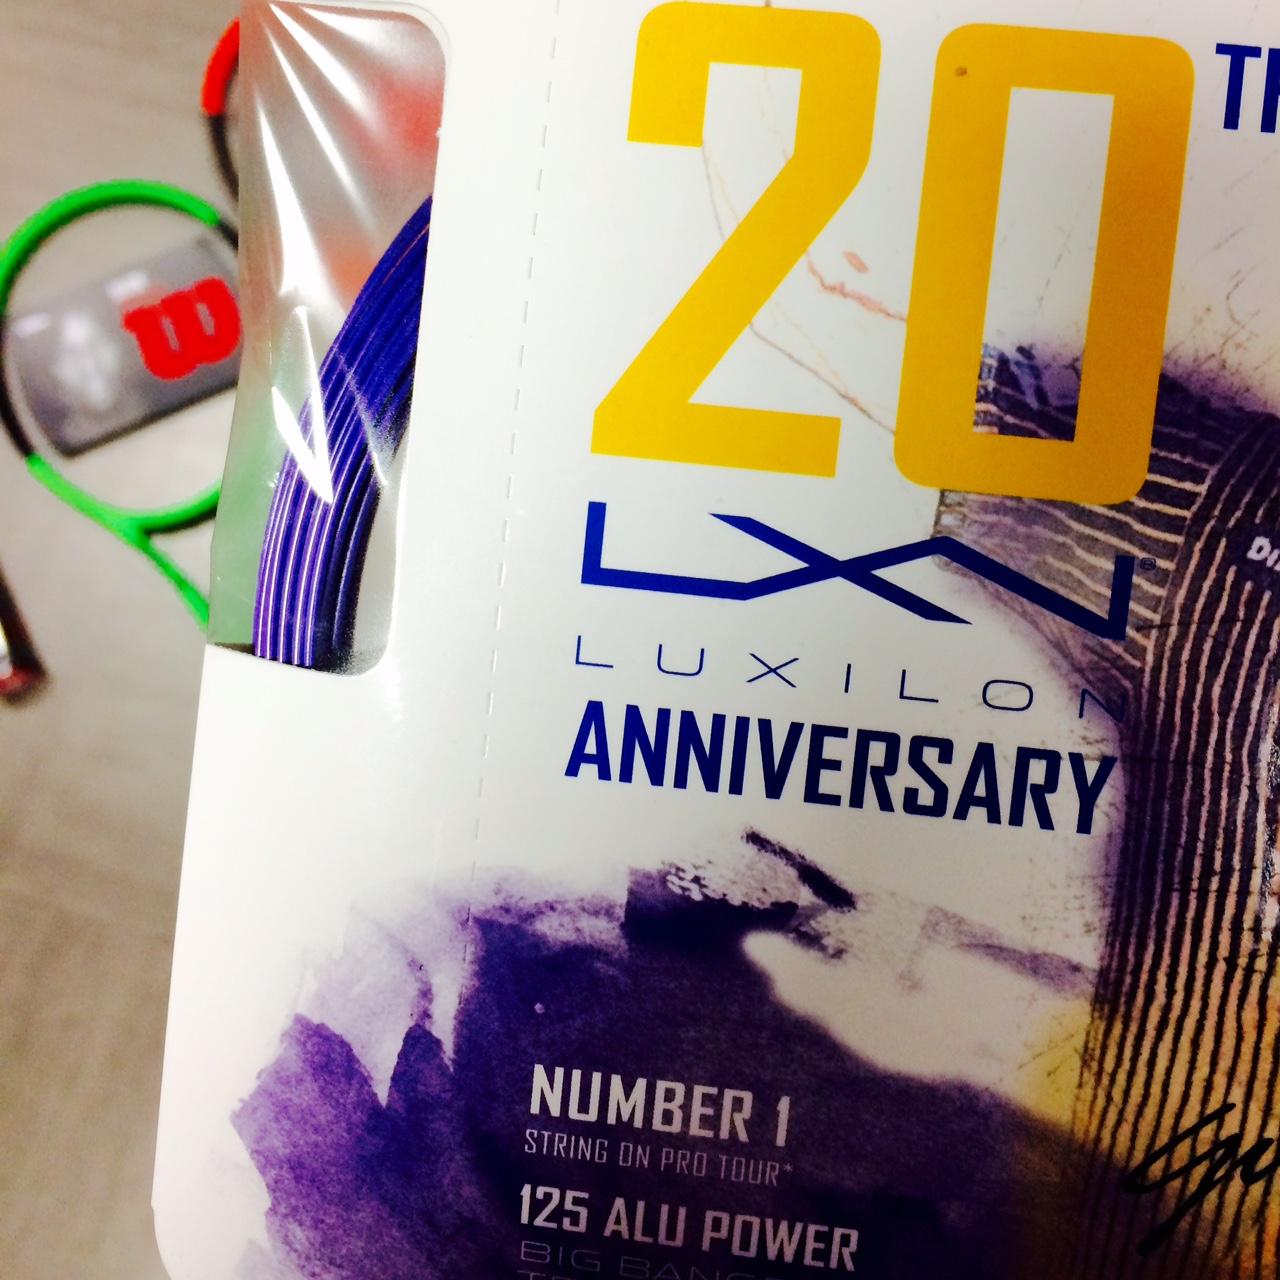 Version violette de l'Alu Power, pour célebrer les 20 ans du Big Banger Original